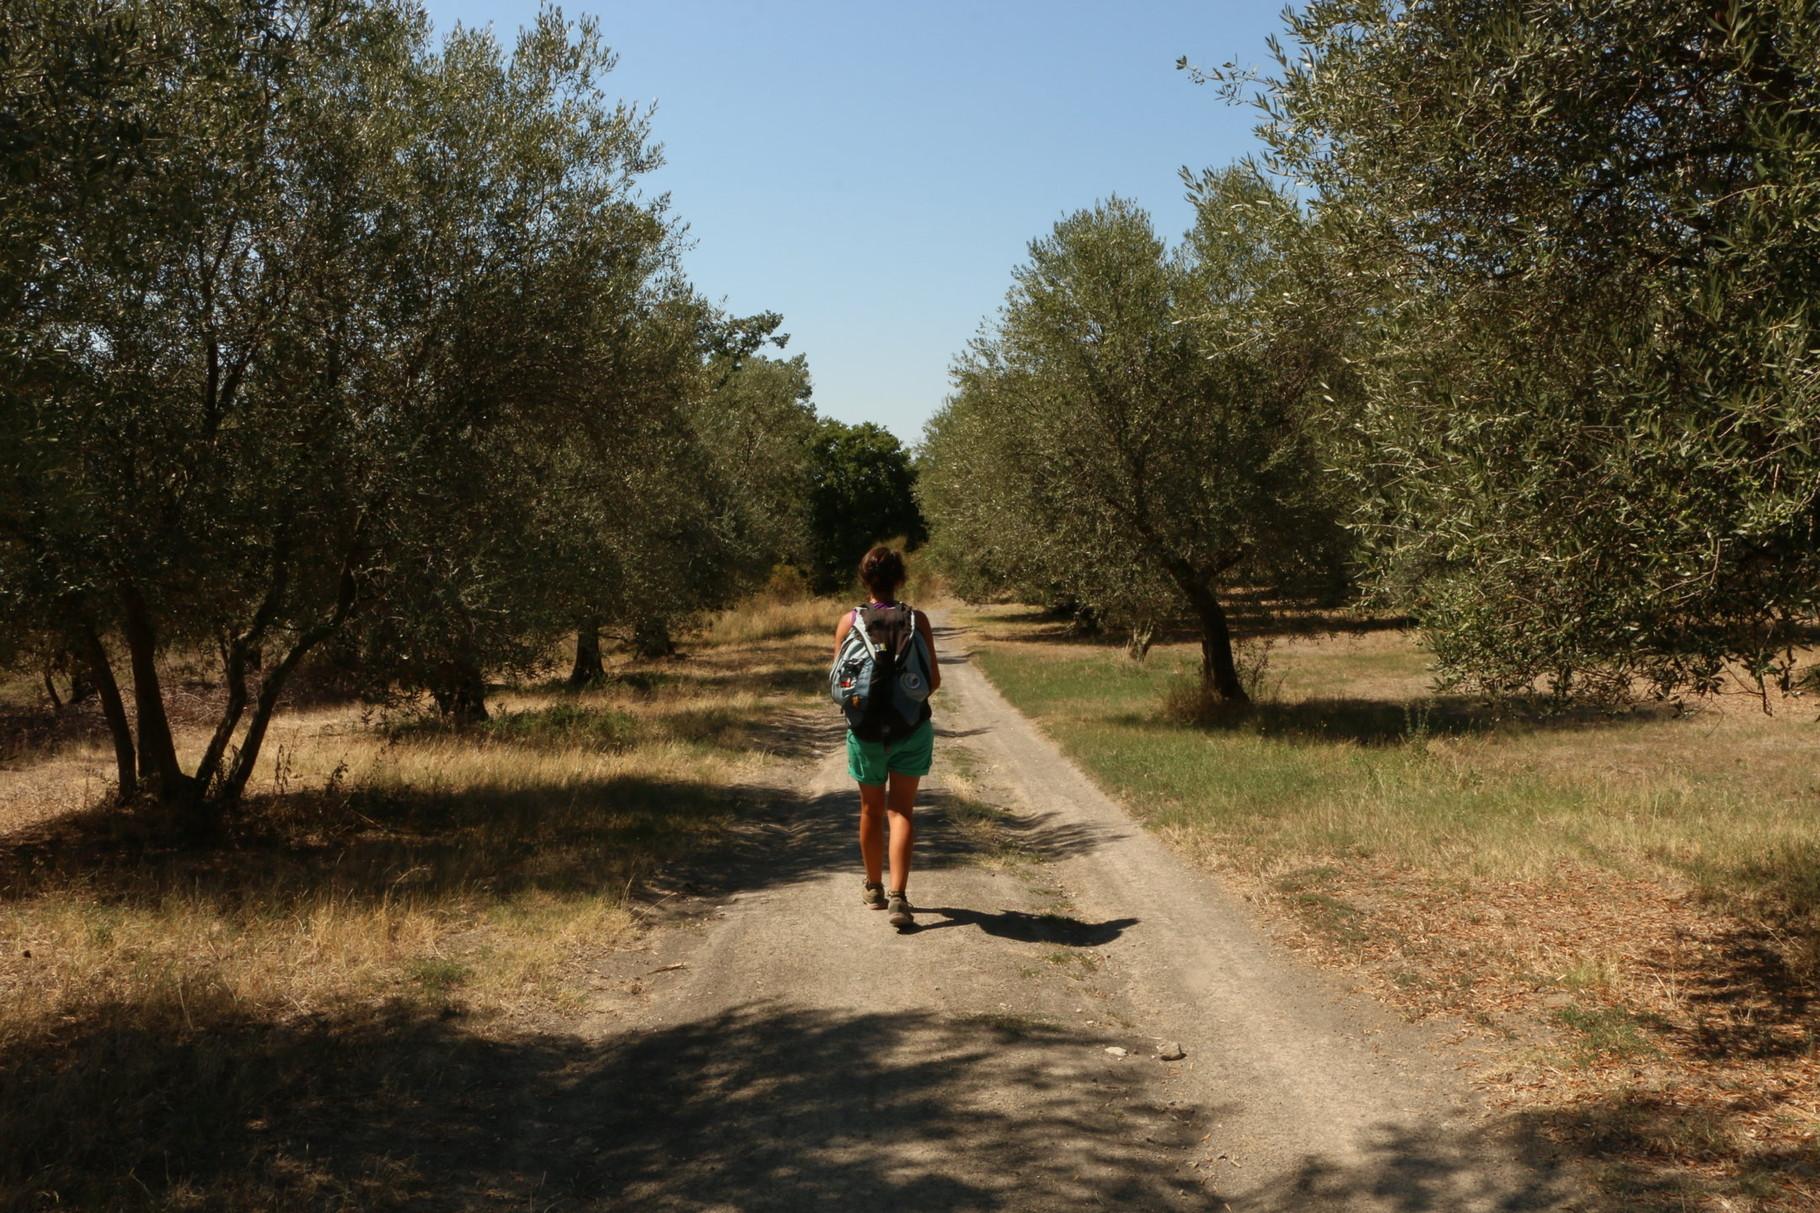 Tappa 43: Campagnano di Roma - La Storta | 24,5 km